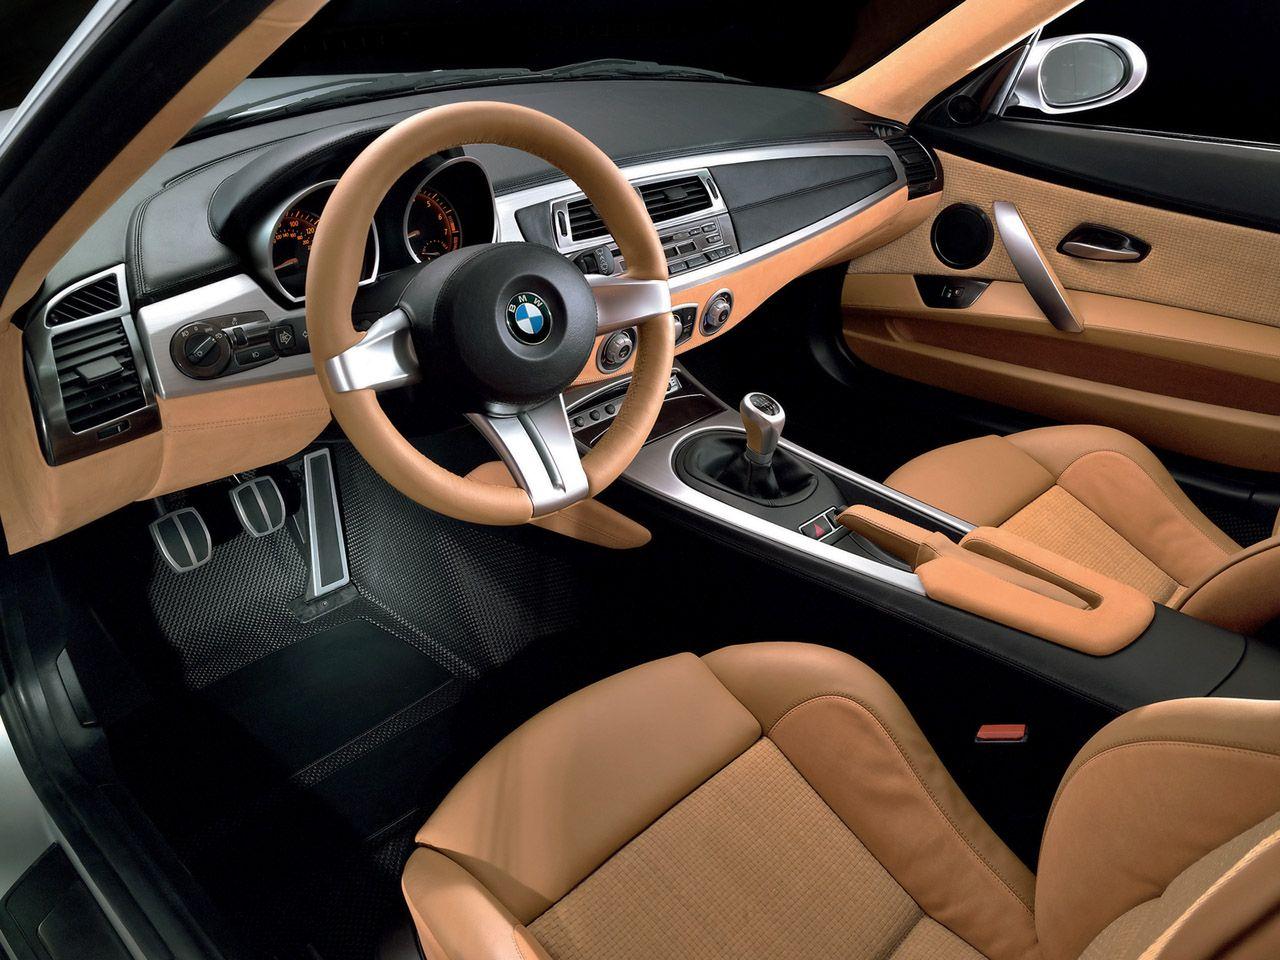 Interier Bmw X4 Ve Svetle Kuzi Vypada Luxusne Bmw Z4 Coupe Bmw